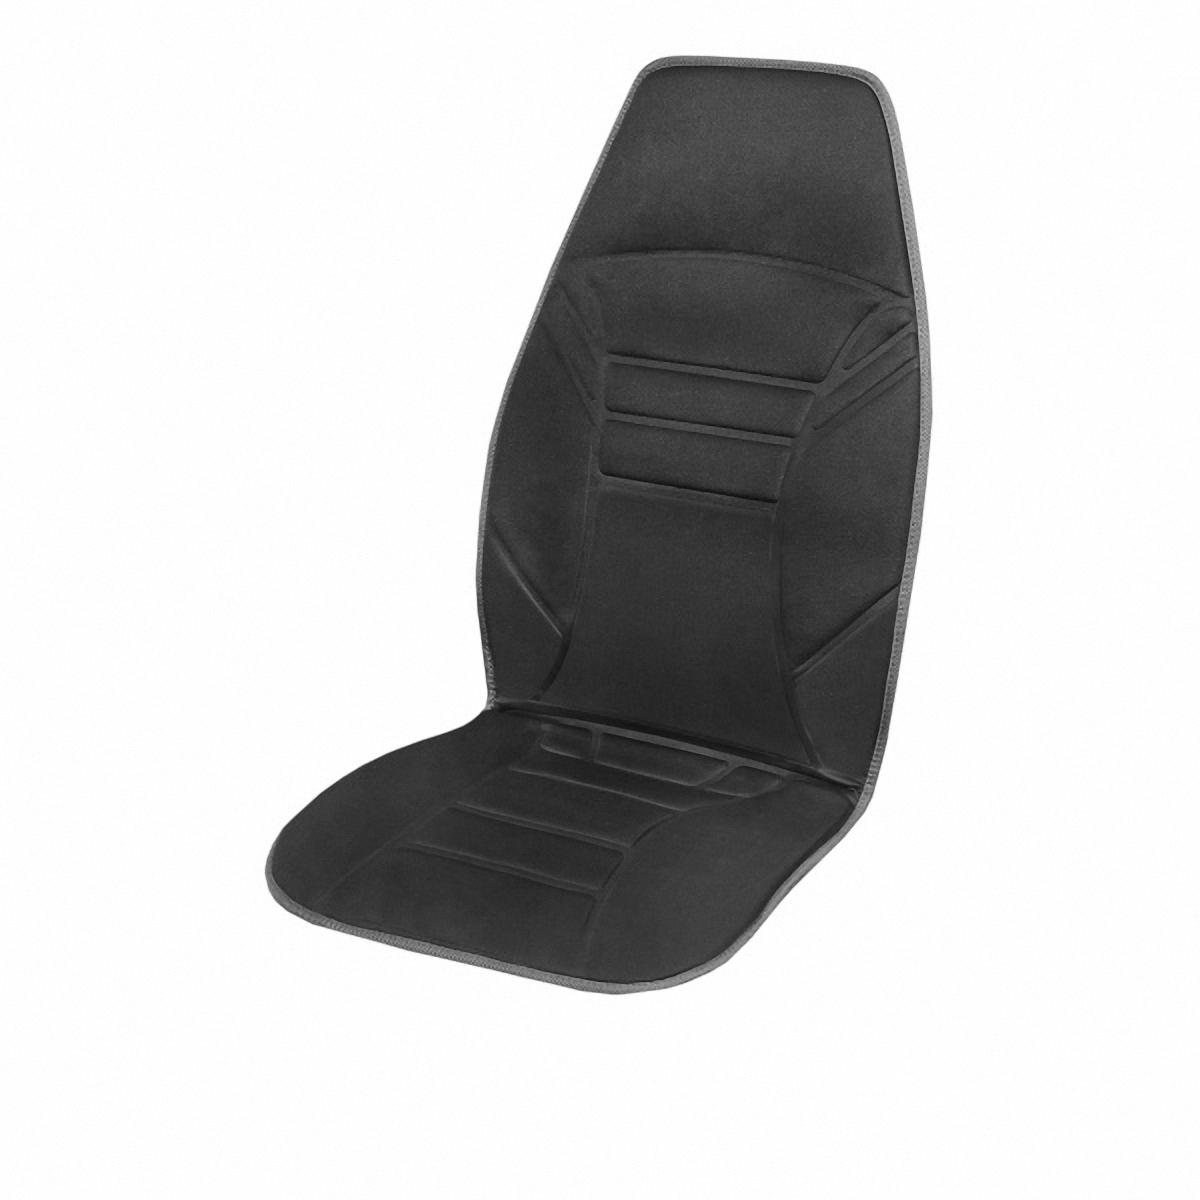 Подогрев для сиденья Skyway, со спинкой. S02201002S02201002Подогрев сиденья со спинкой SKYWAY с терморегулятором (2 режима) 12V 2,5А-3А. Подогрев сидения – это сезонный товар и большой популярностью пользуется в осенне-зимний период. ТМ SKYWAY предлагает наружные подогревы сидений, изготовленные в виде накидки на автомобильное кресло. Преимущество наружных подогревов в простоте установки. Они крепятся ремнями к креслу автомобиля и подключаются к бортовой сети через гнездо прикуривателя.